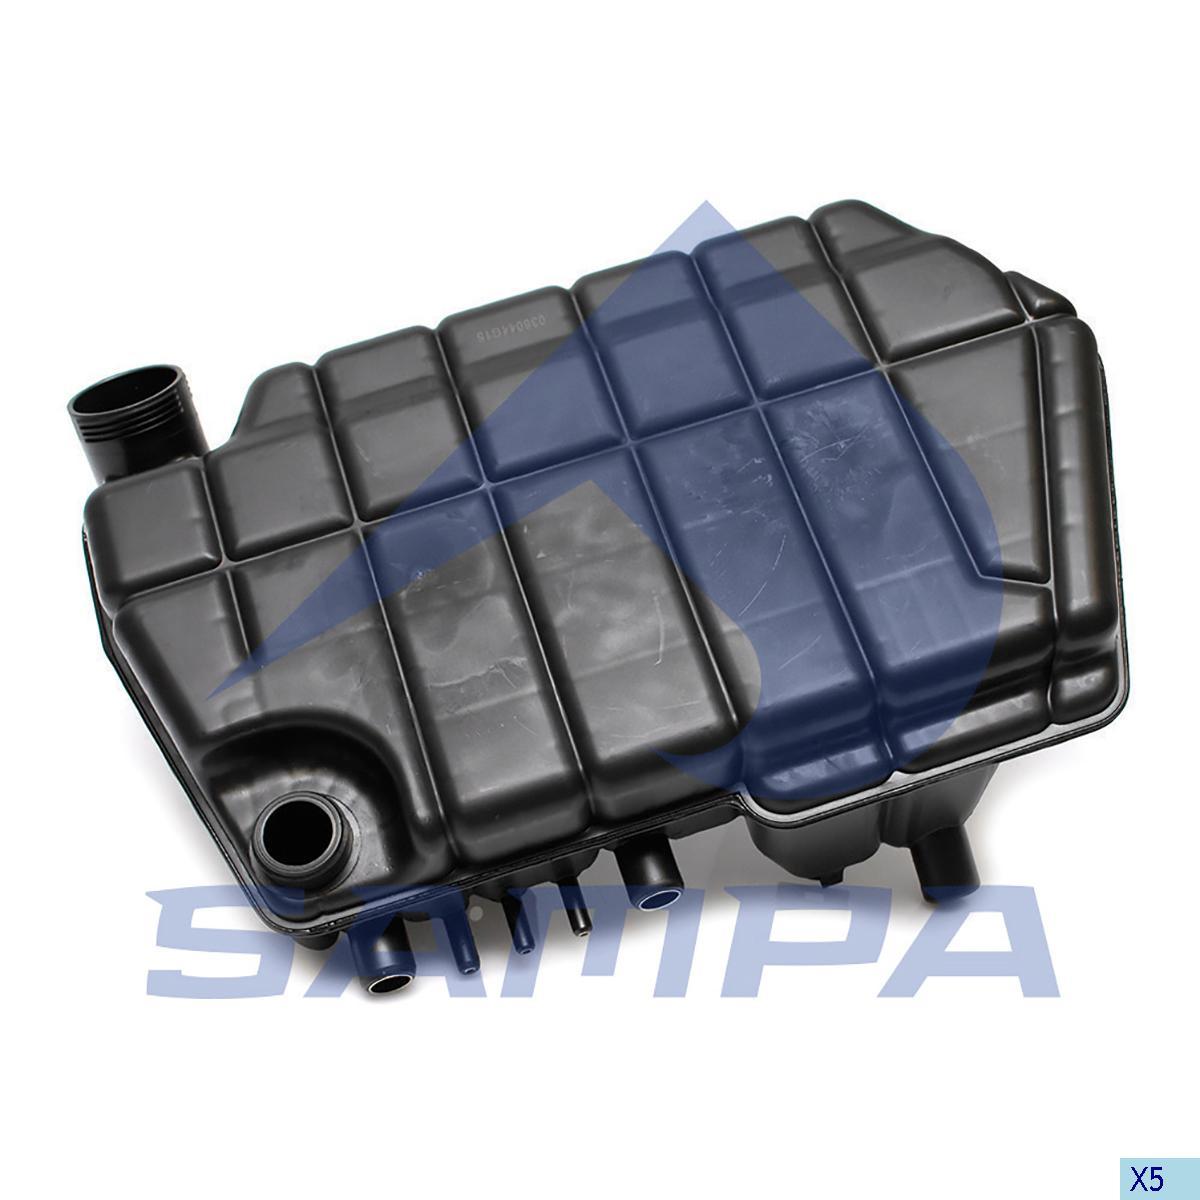 Expansion Tank, Radiator, Daf, Engine